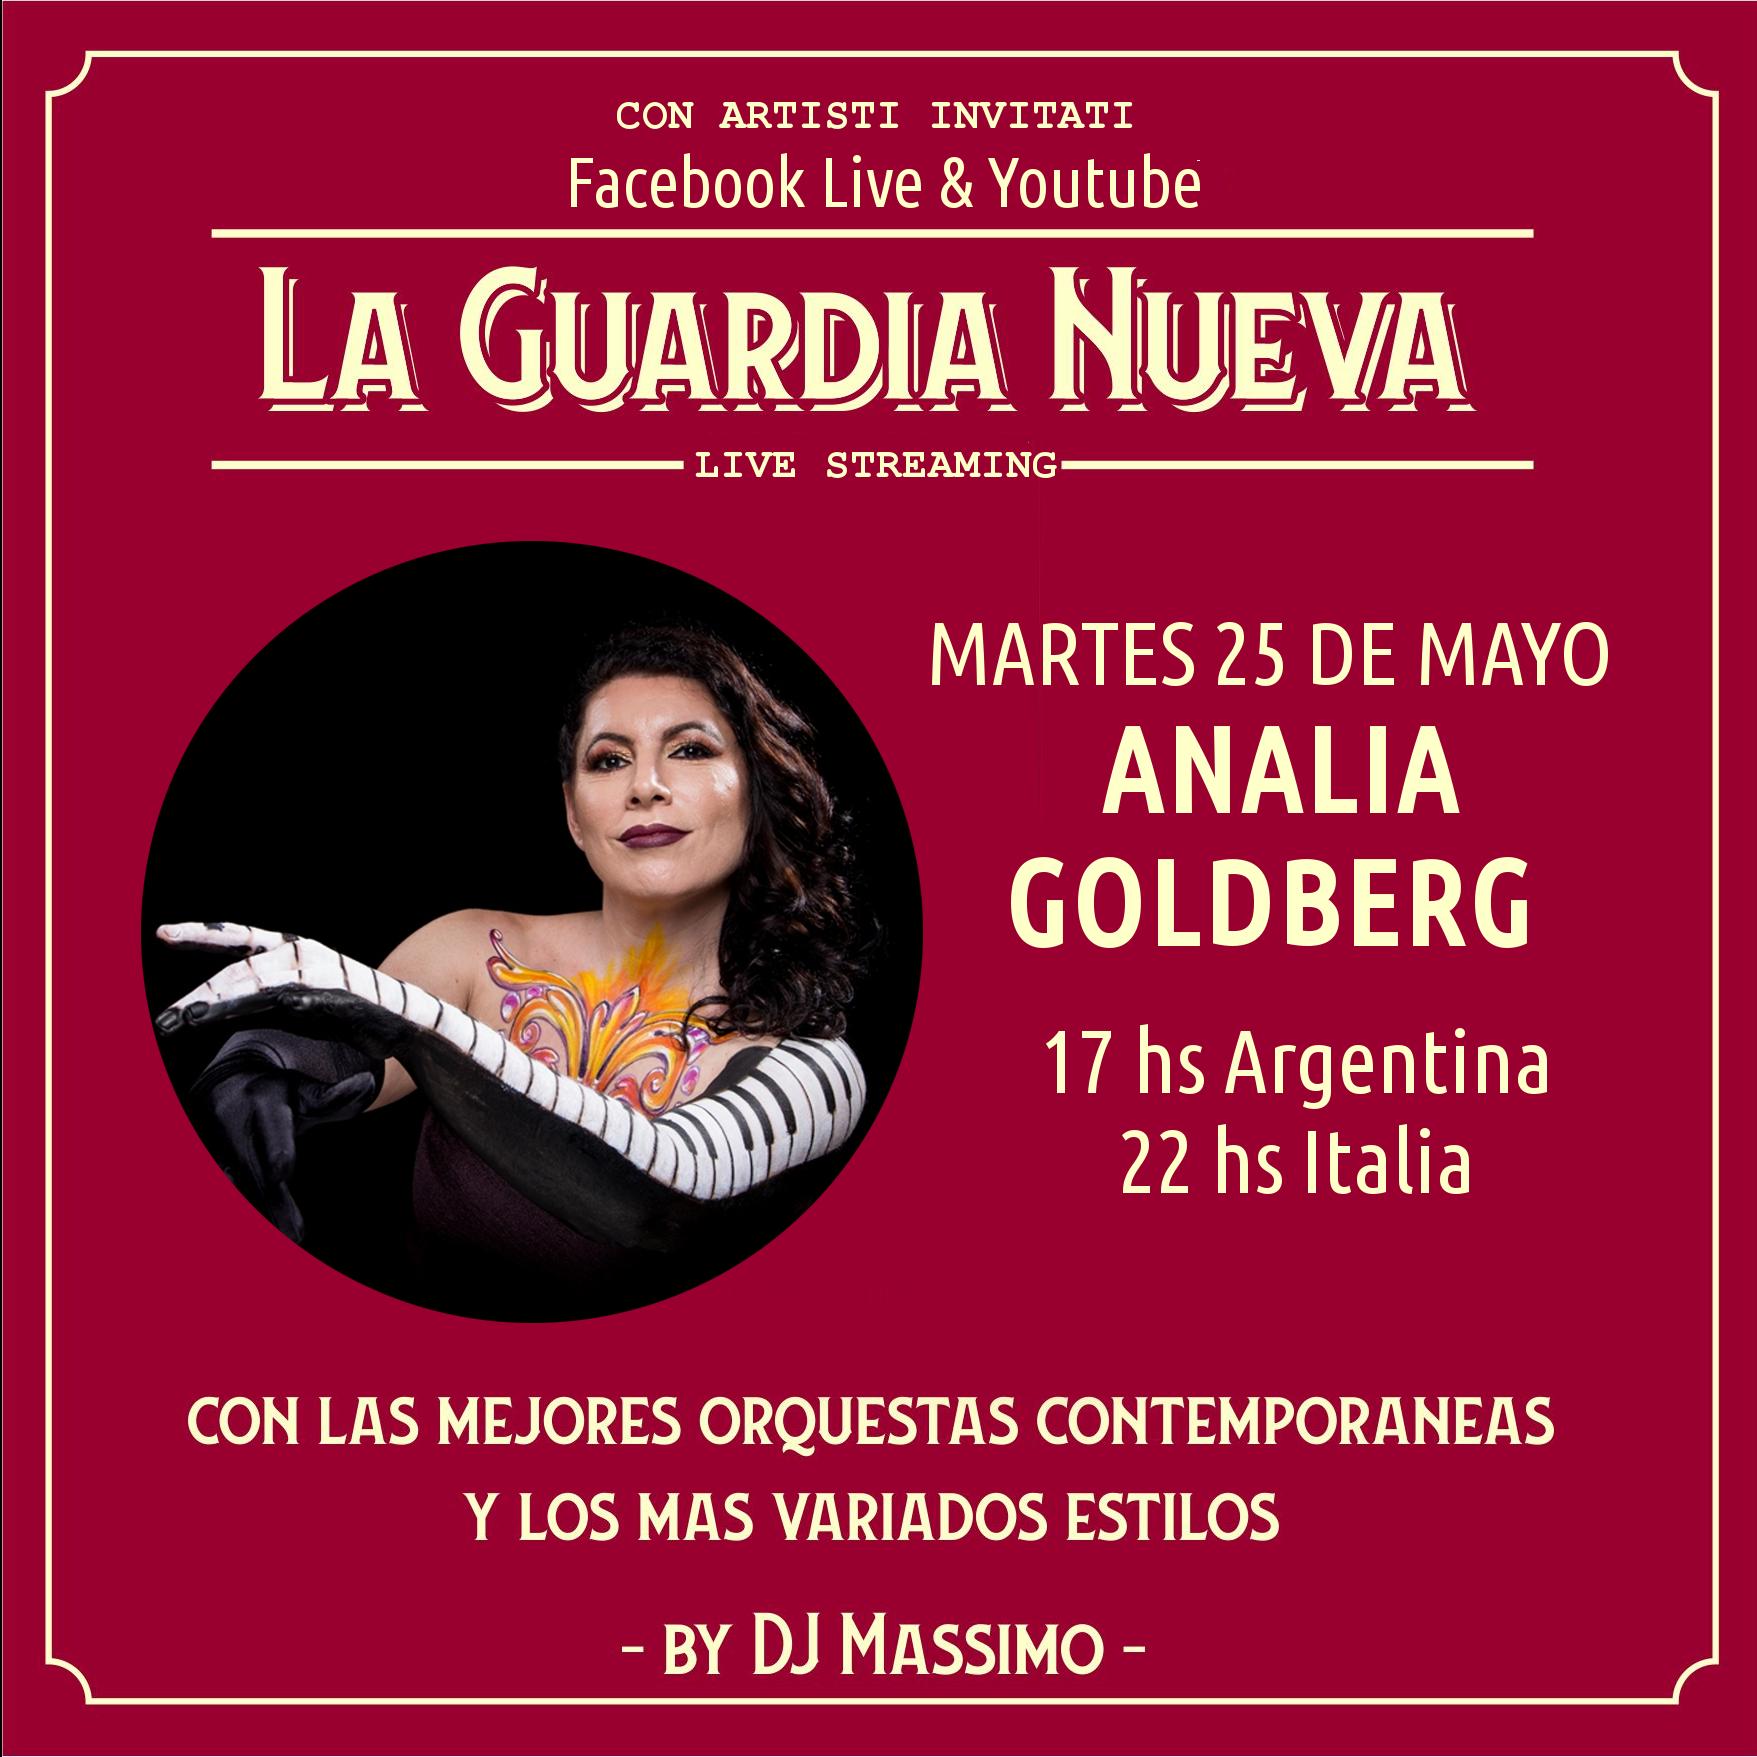 la guardia nueva tango del siglo xxi MARTES 25 DE MAYO